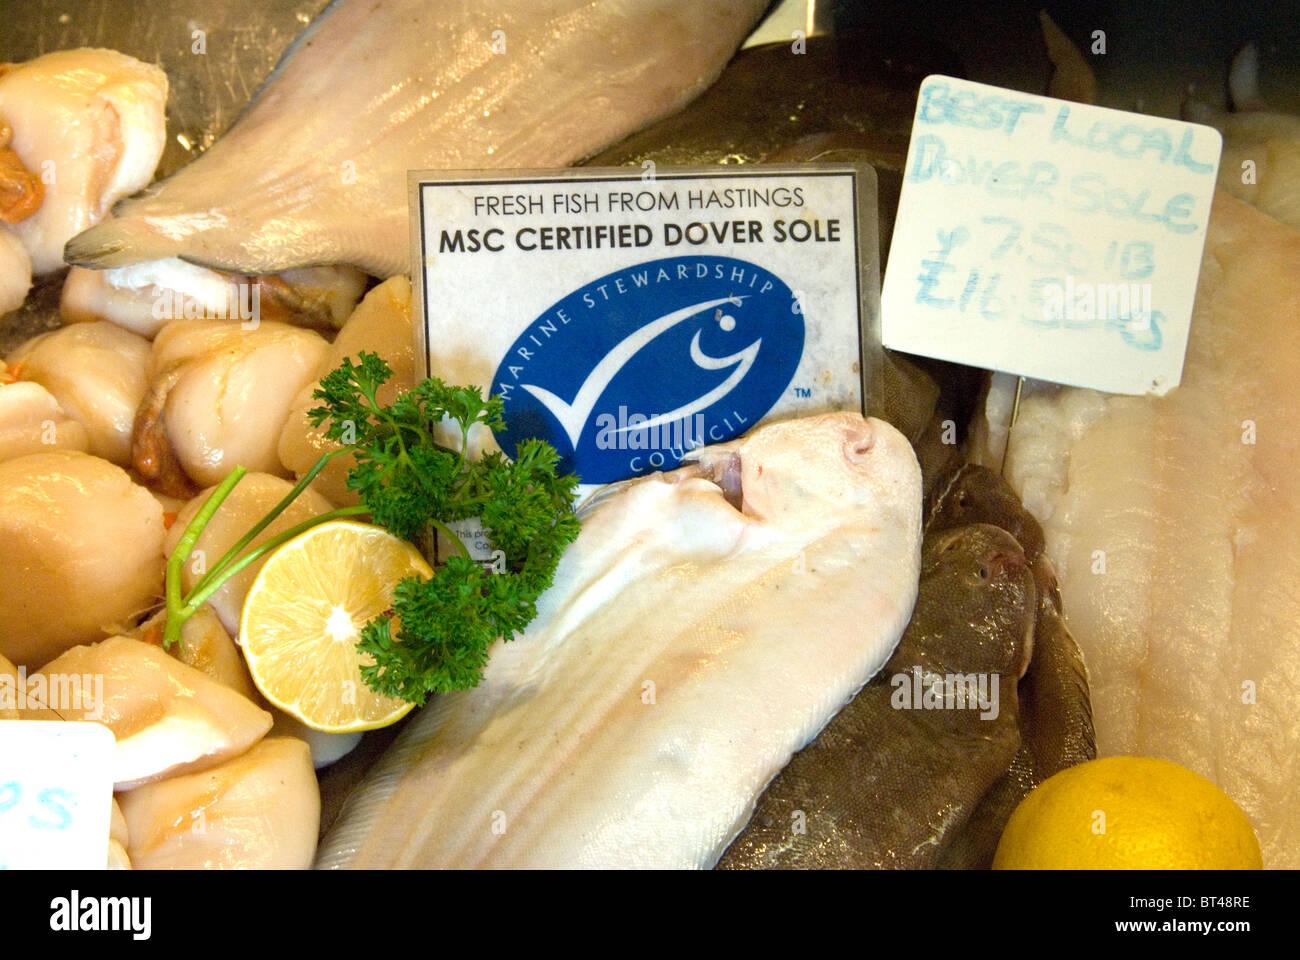 Fresco pesce Hastings Marine Stewardship Council MSC sostenibile certificate sogliola di Dover in vendita su Rock Immagini Stock